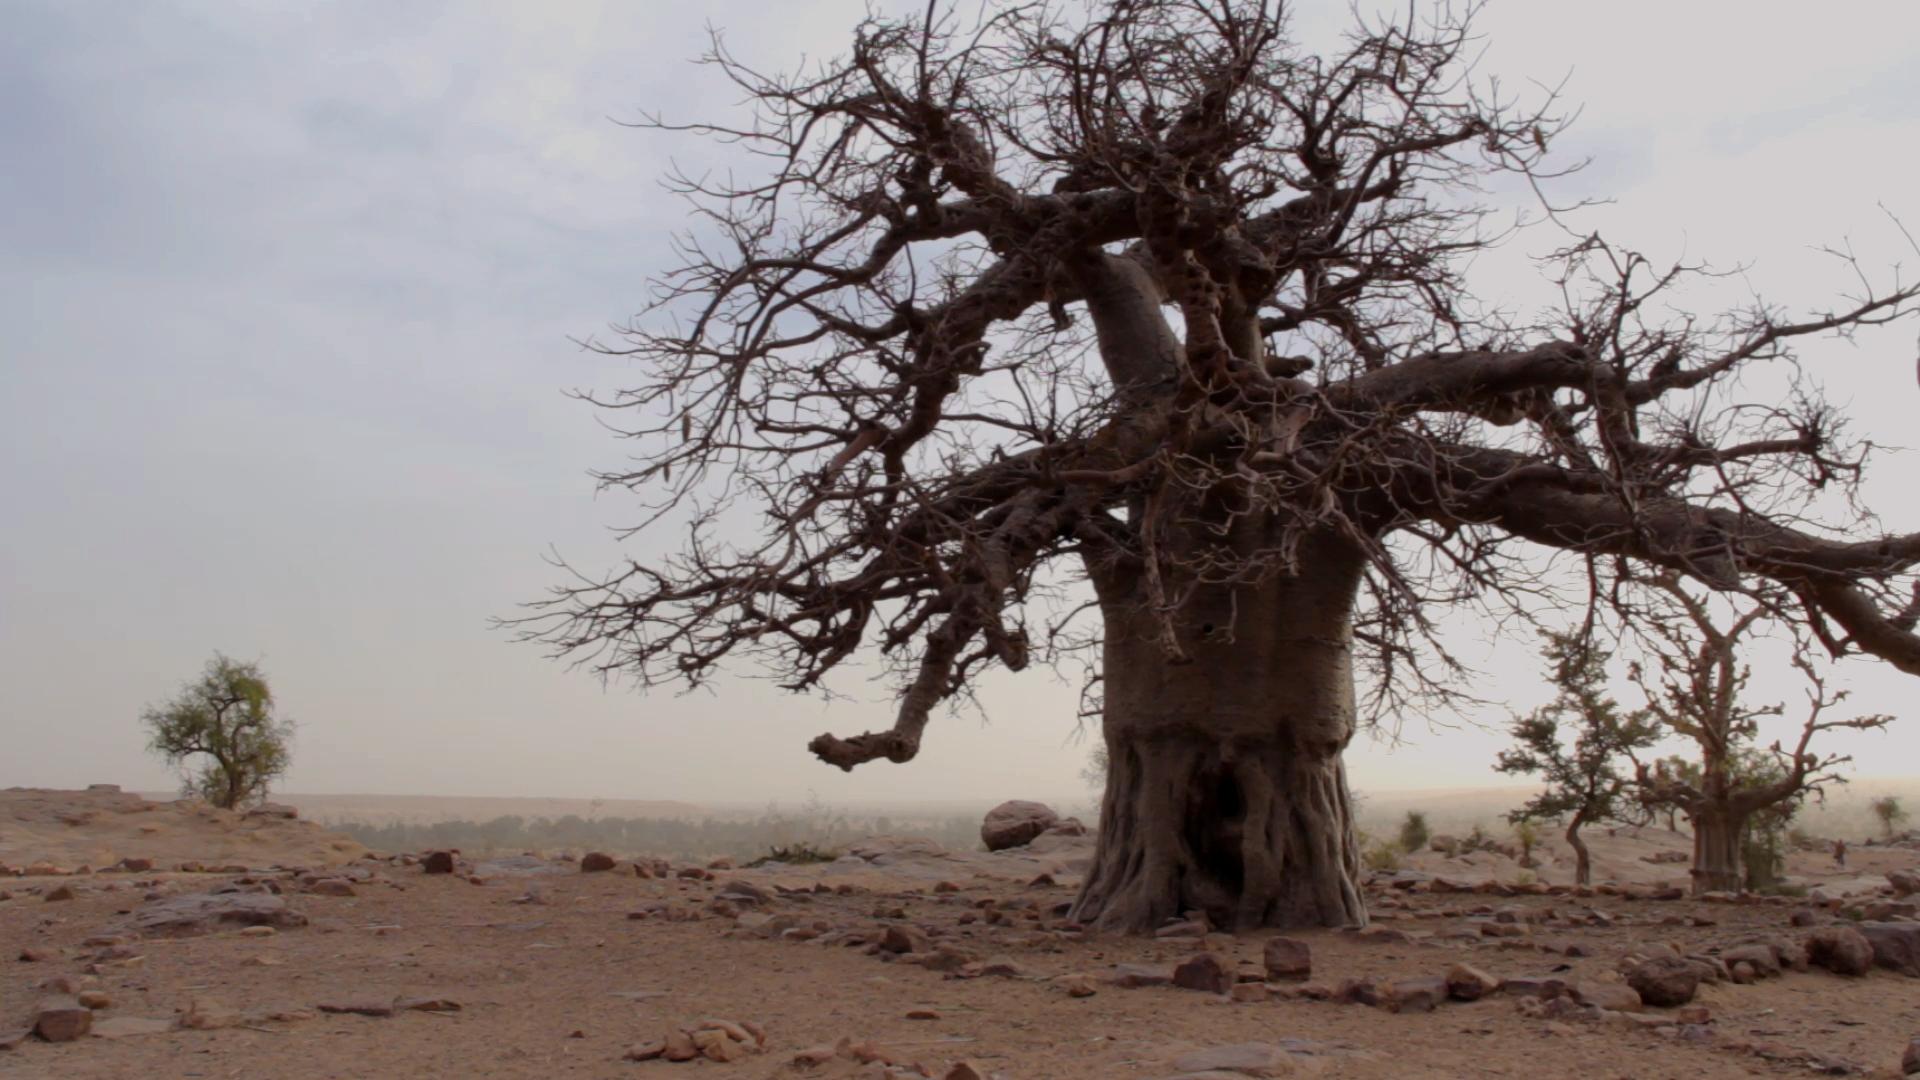 primer baobab dogon bandiagara malli pablocaminante - Malí 6, País Dogon III: Falla de Bandiagara